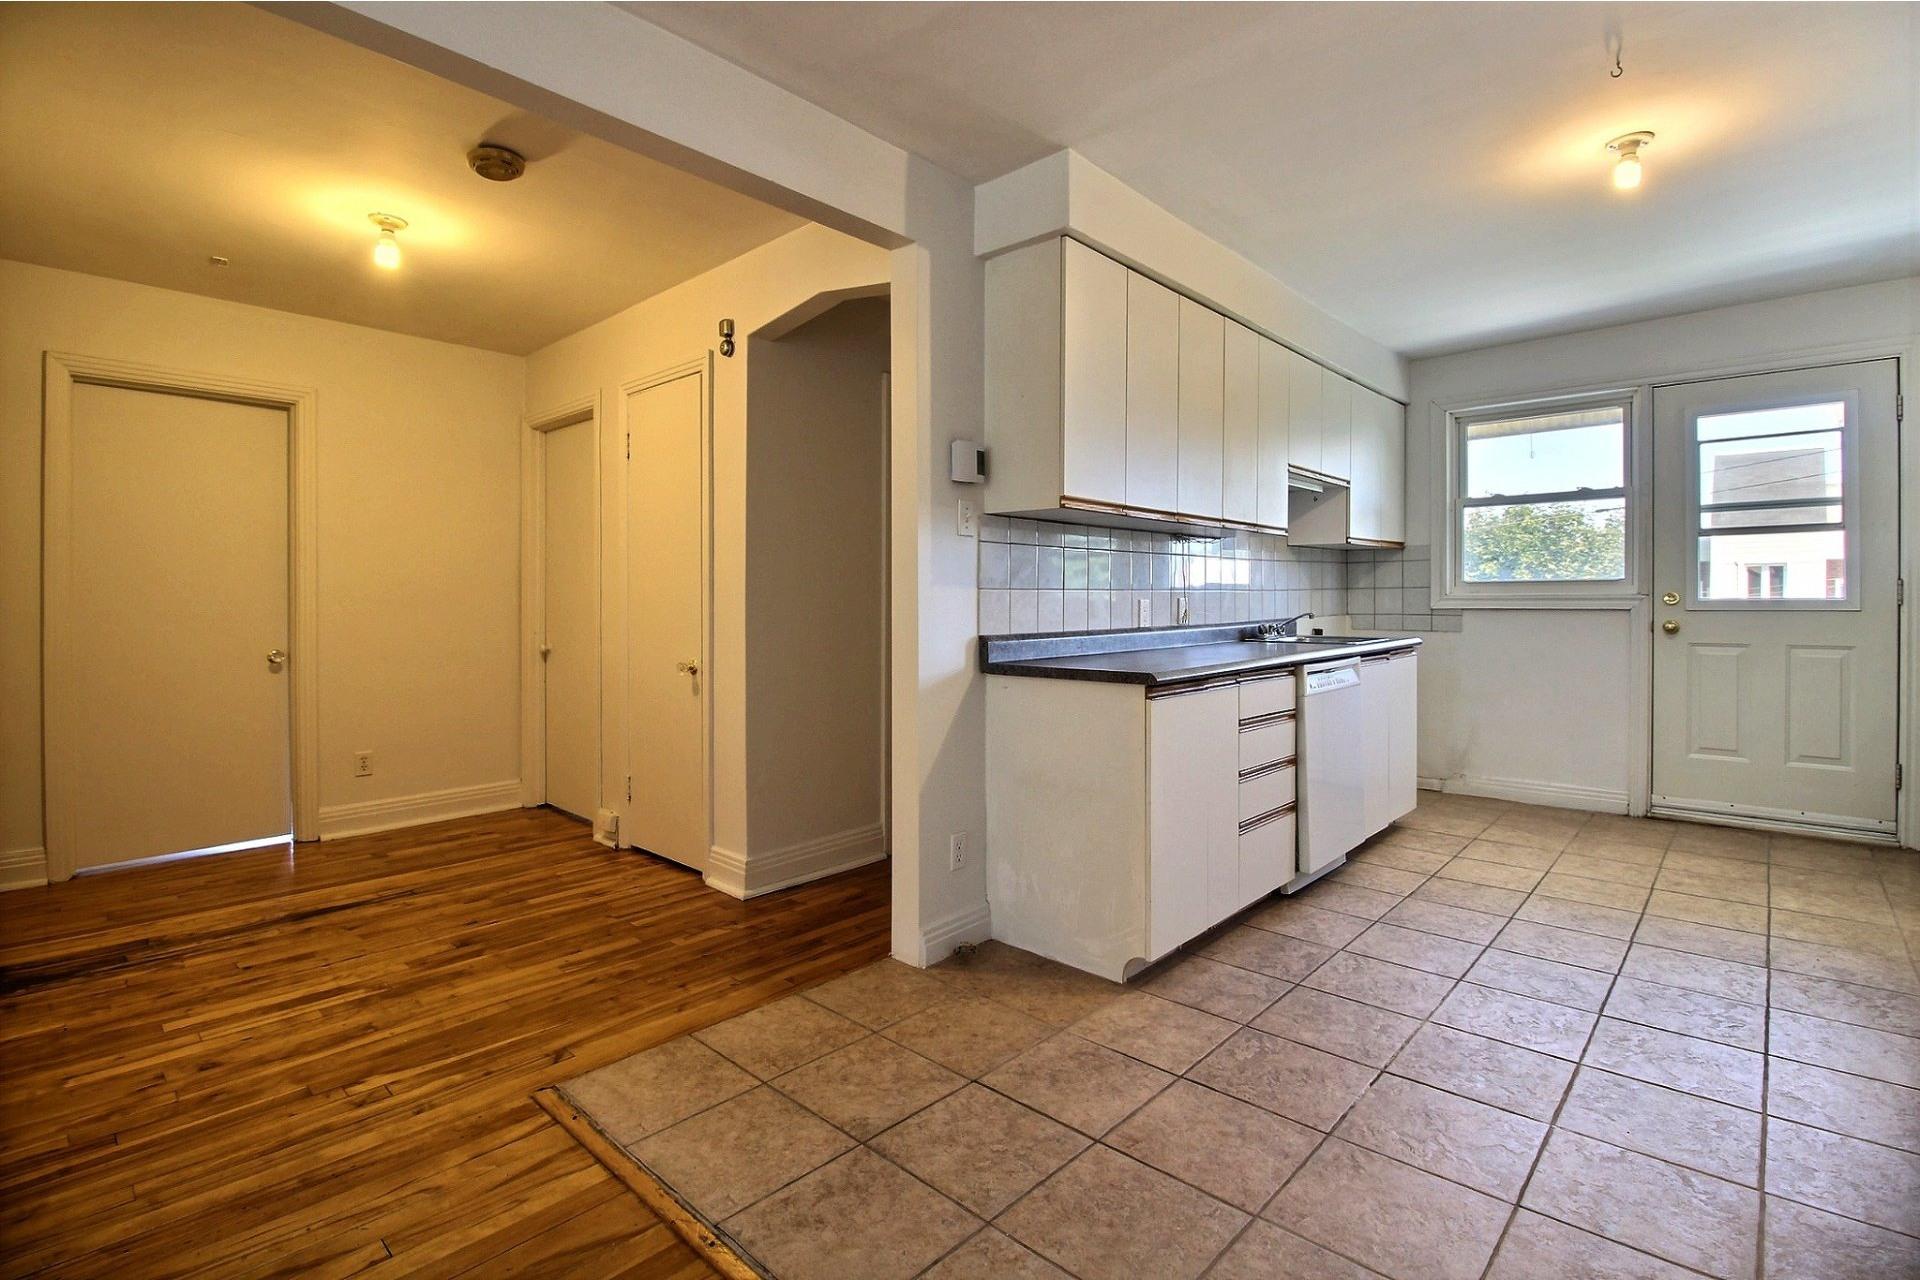 image 6 - Apartment For rent Rosemont/La Petite-Patrie Montréal  - 5 rooms